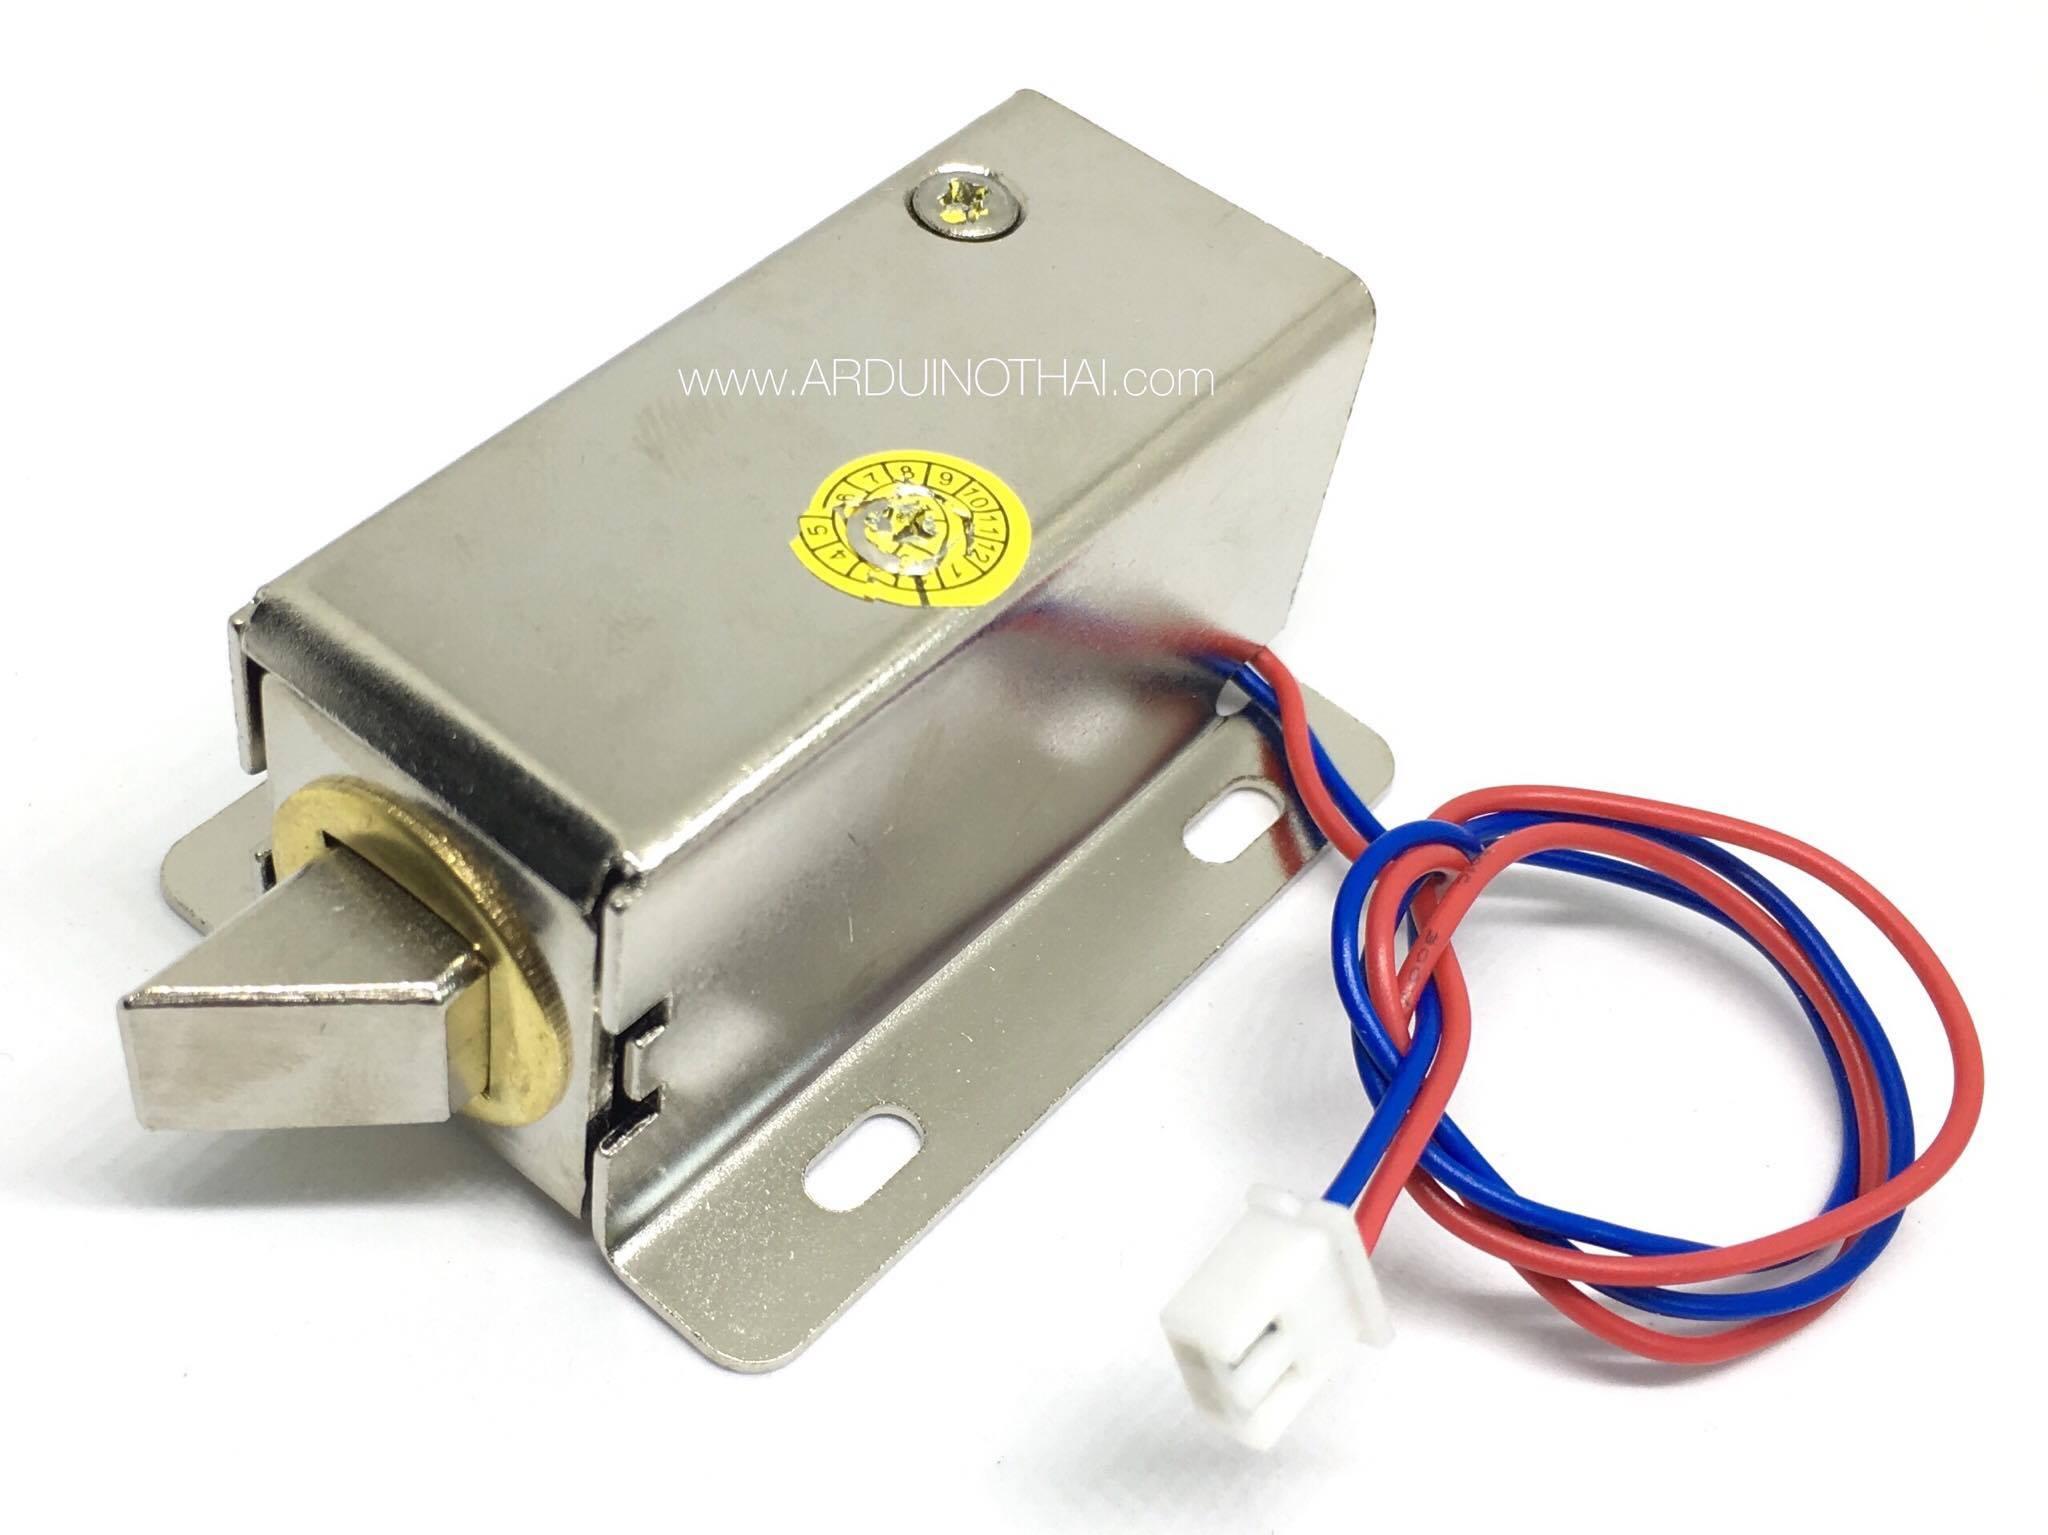 กลอนไฟฟ้า 12V/24V XG-03